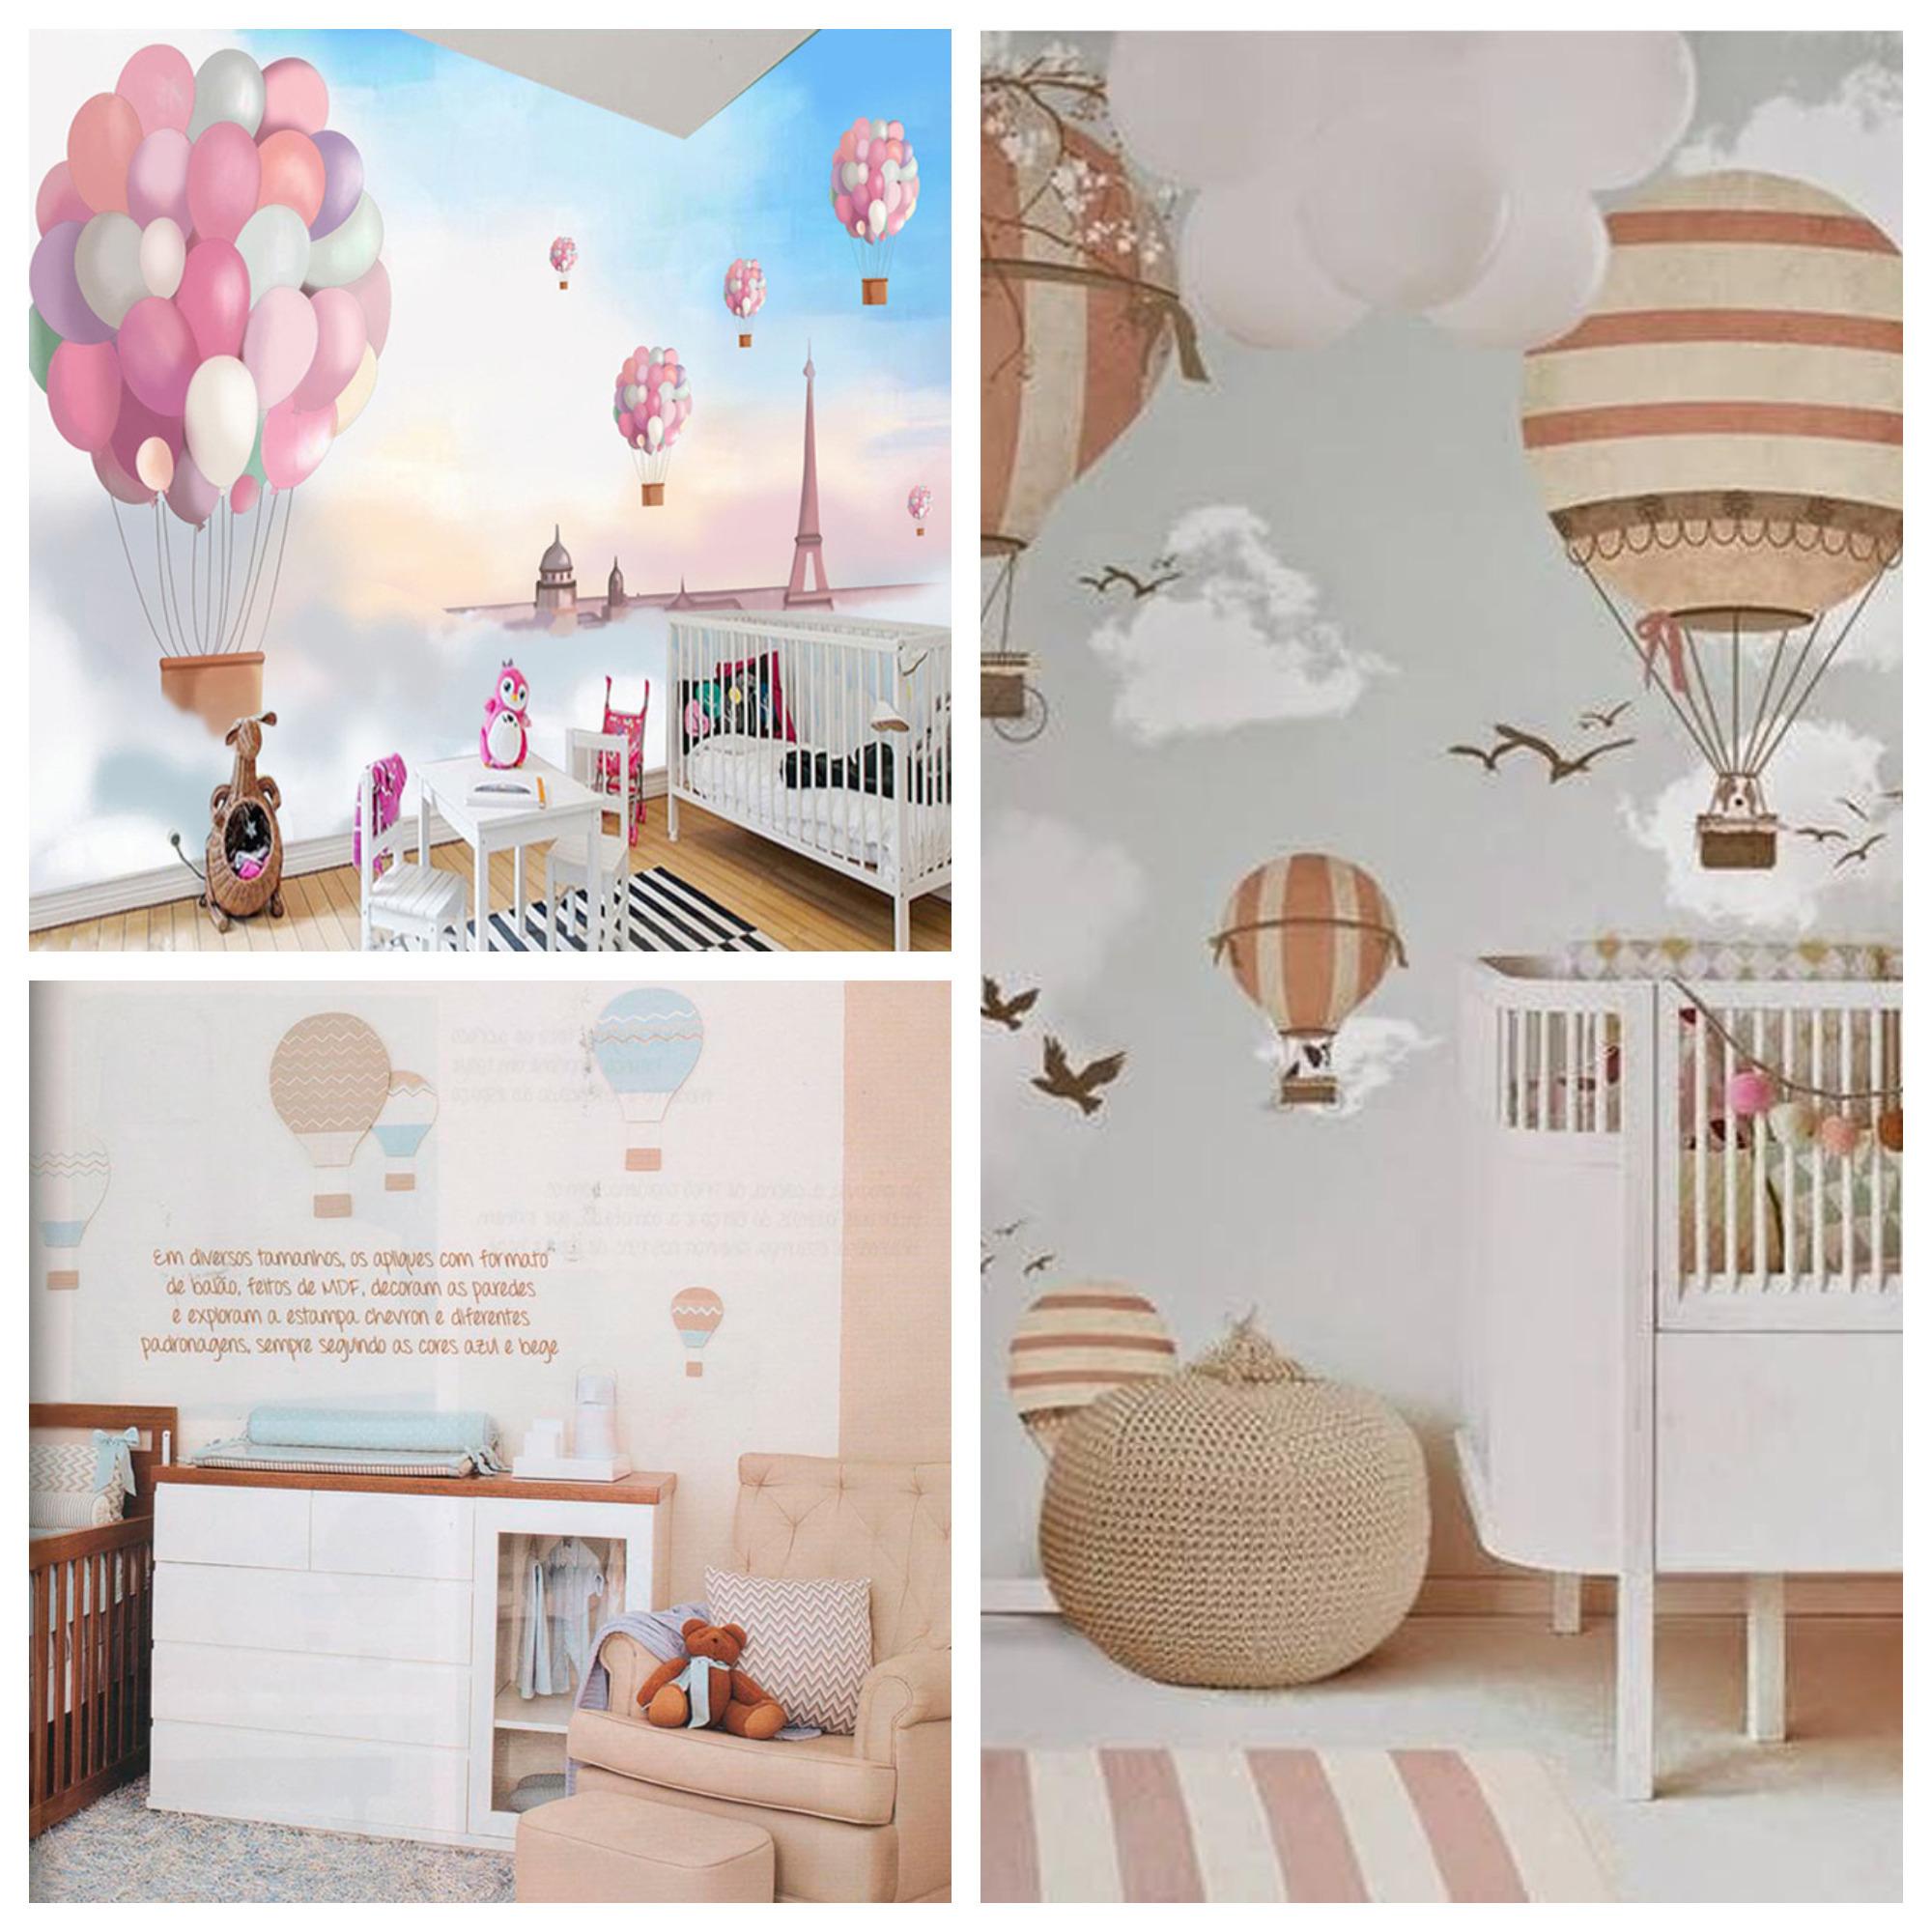 quarto de bebê com balões